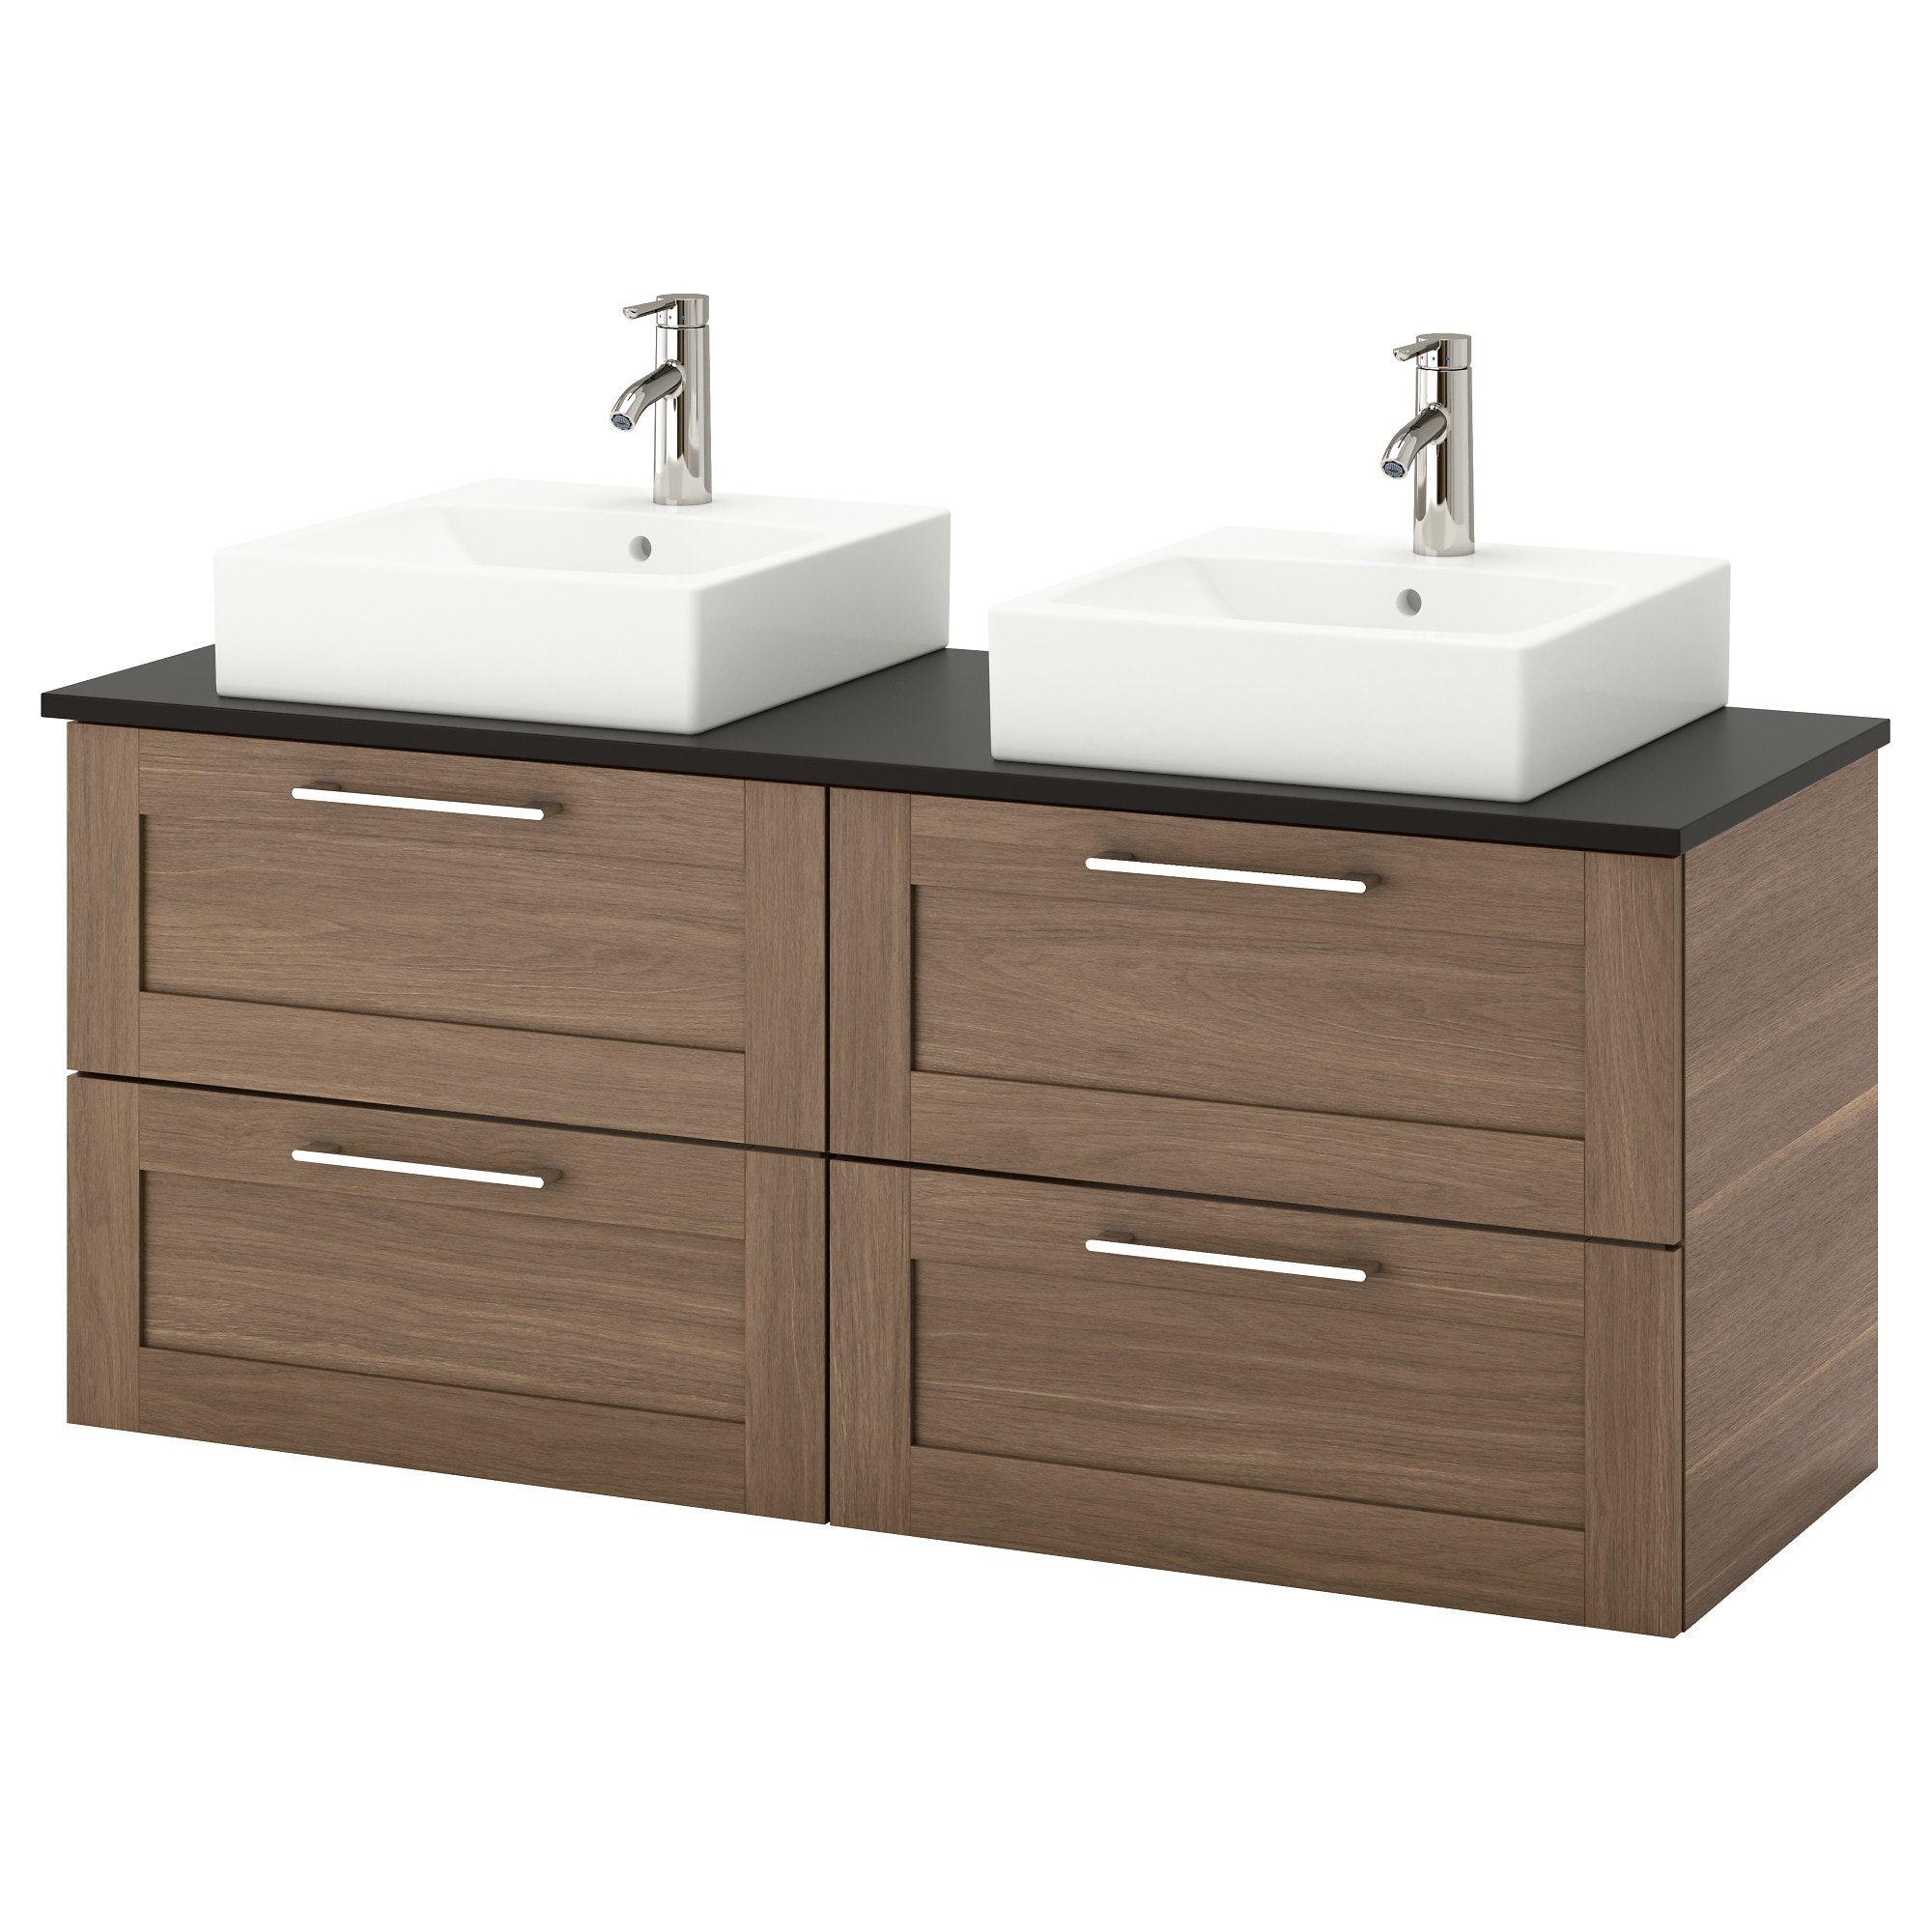 Us Furniture And Home Furnishings Floating Bathroom Vanities